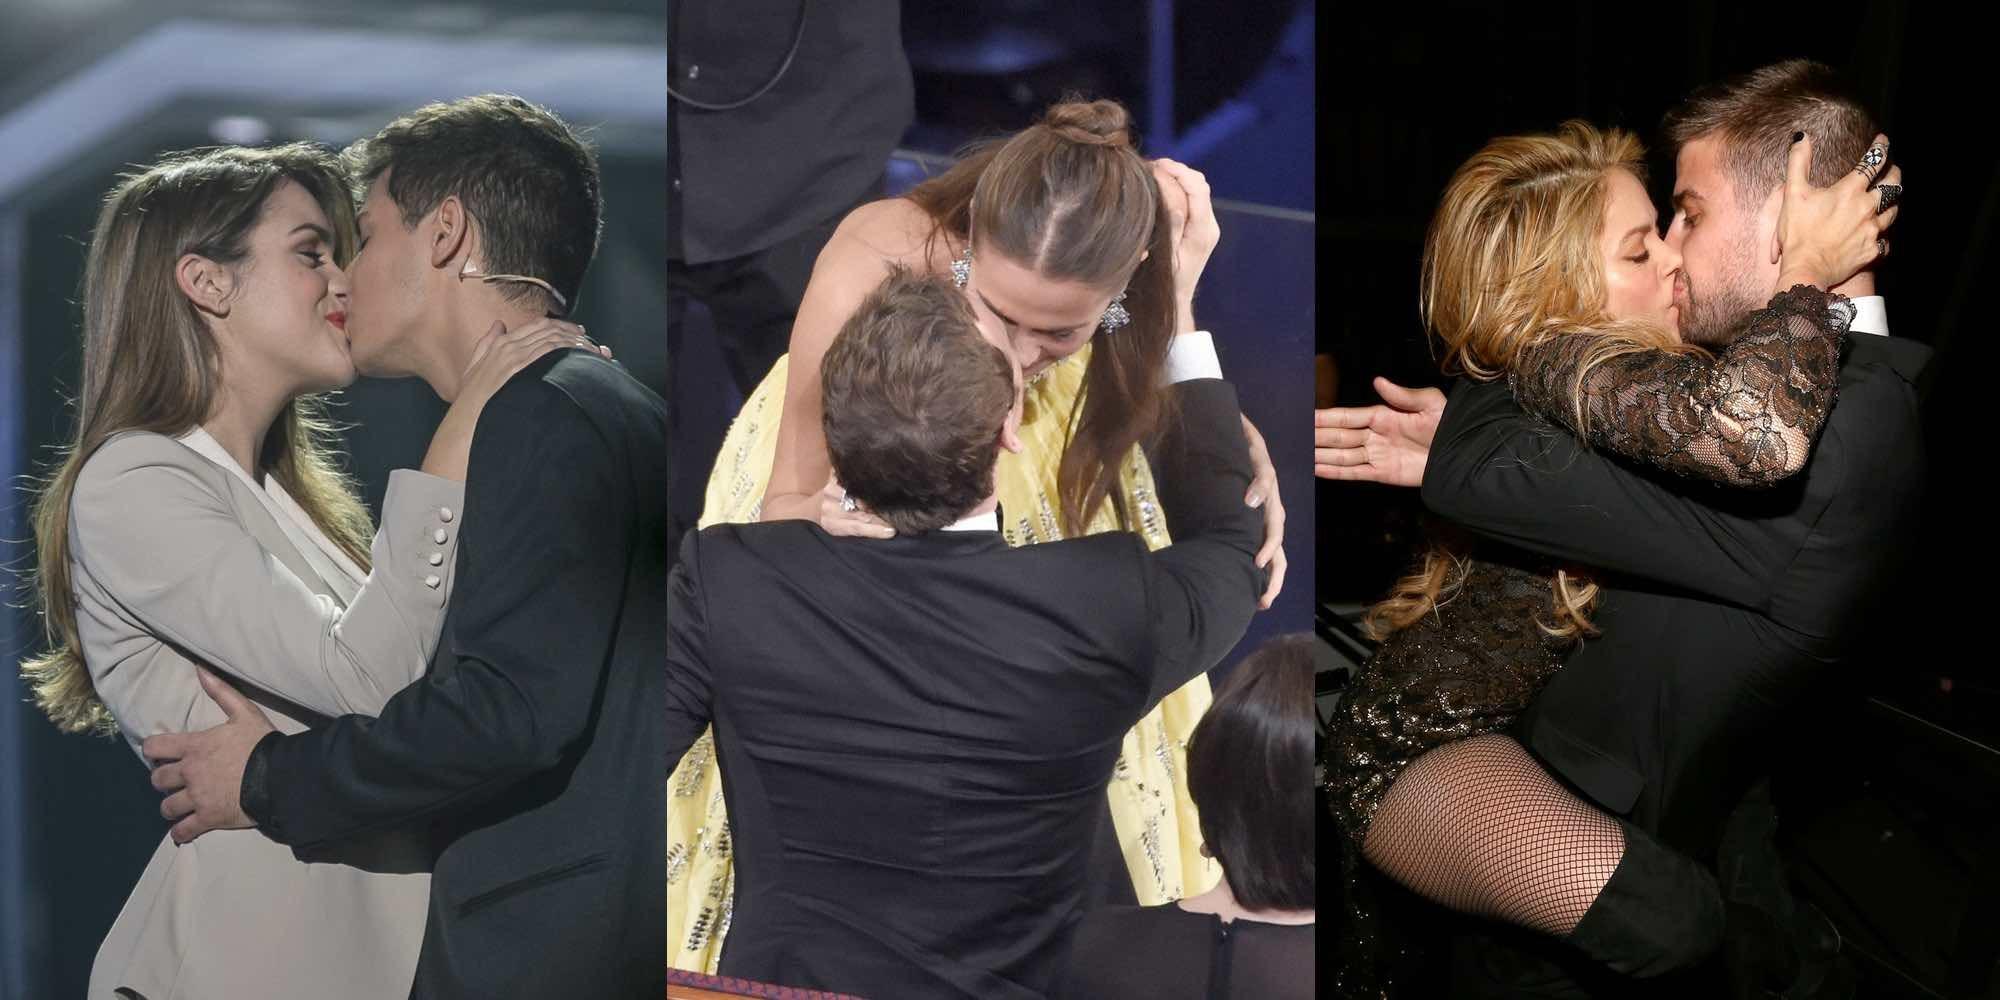 Celebs besuconas: 6 besos de parejas de famosos que pasarán a la historia